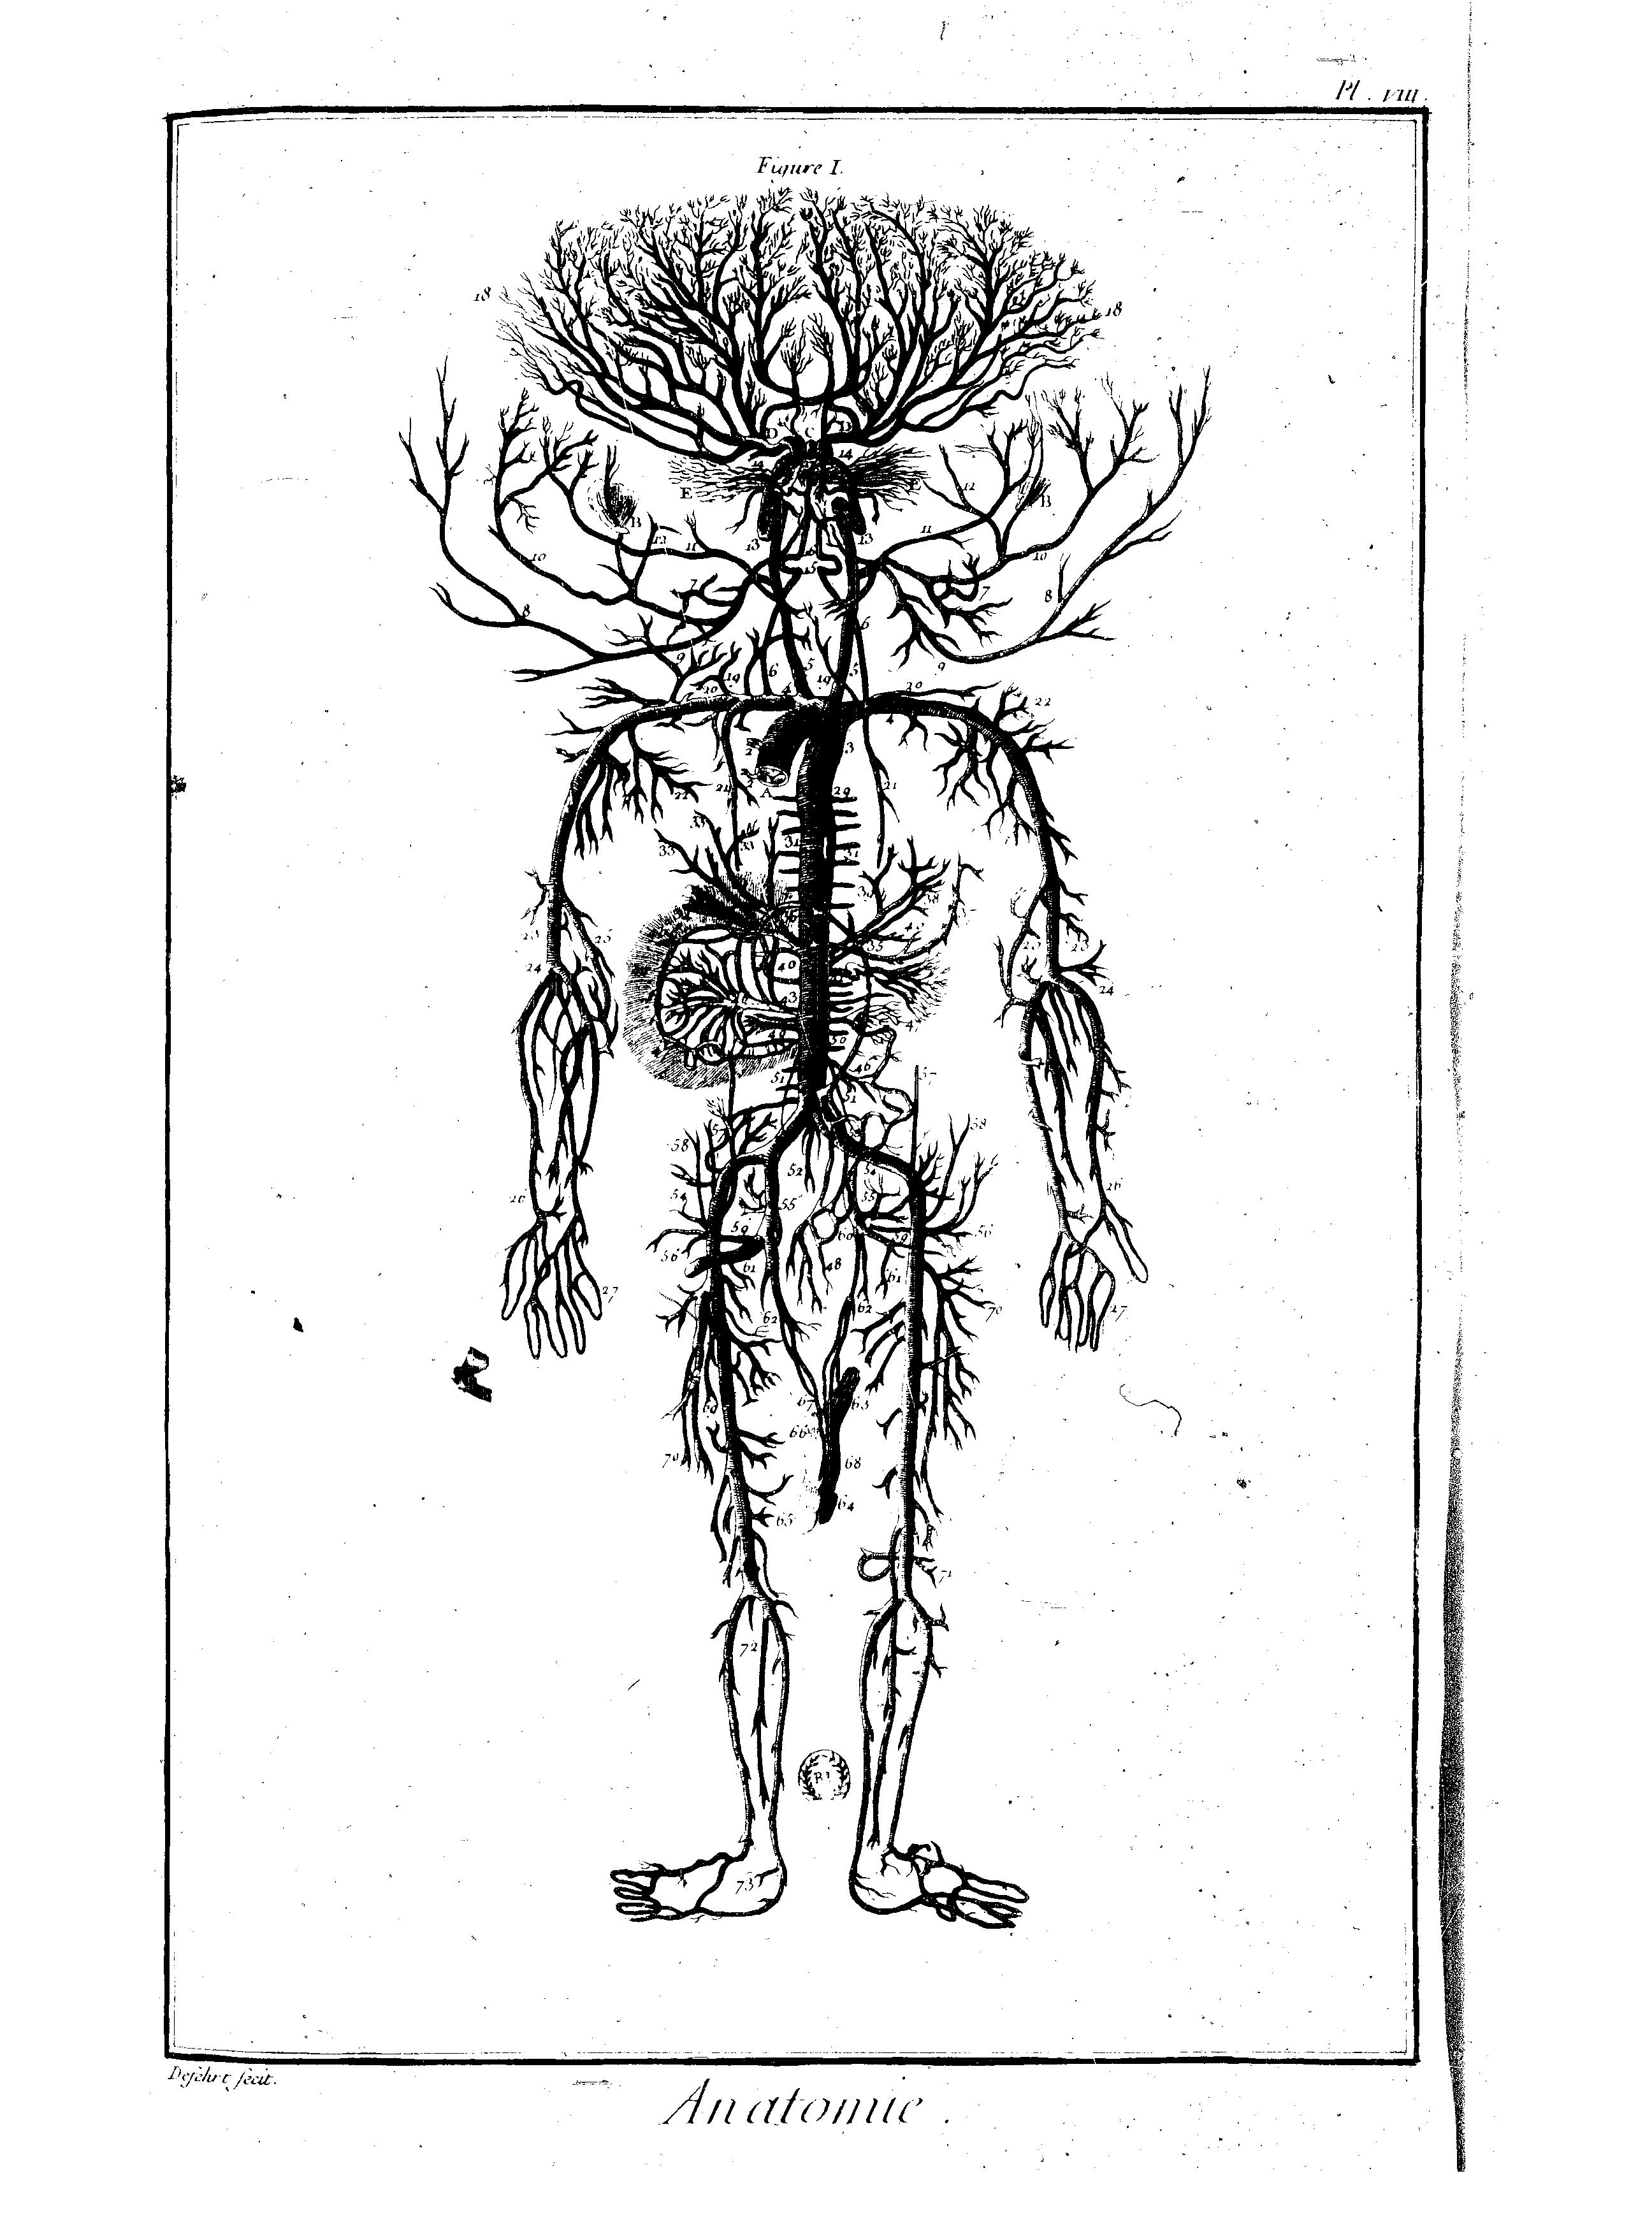 encyclopedie anatomie